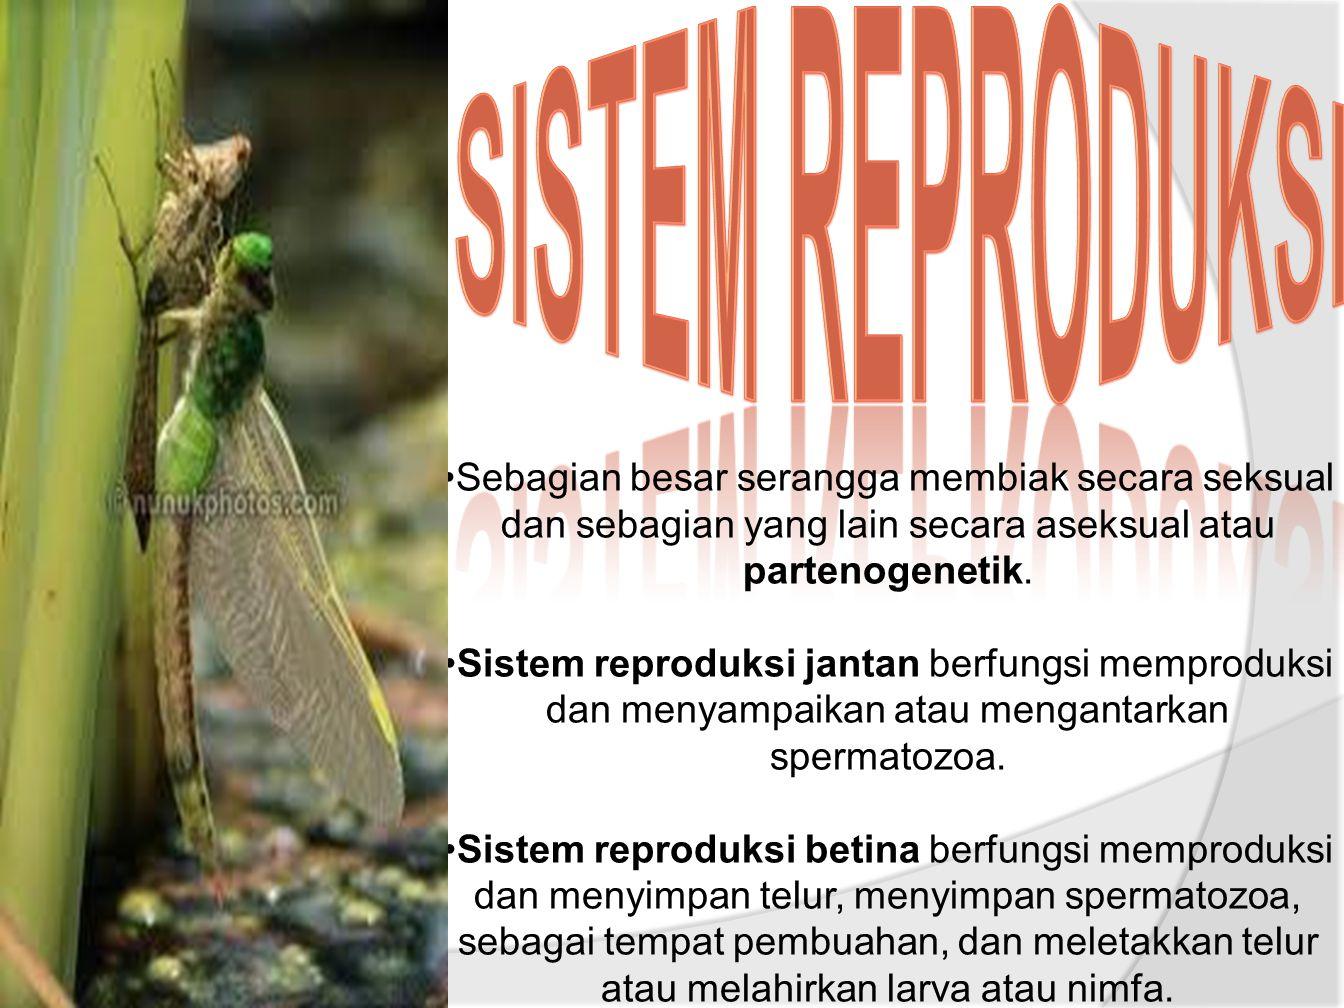 Sebagian besar serangga membiak secara seksual dan sebagian yang lain secara aseksual atau partenogenetik.